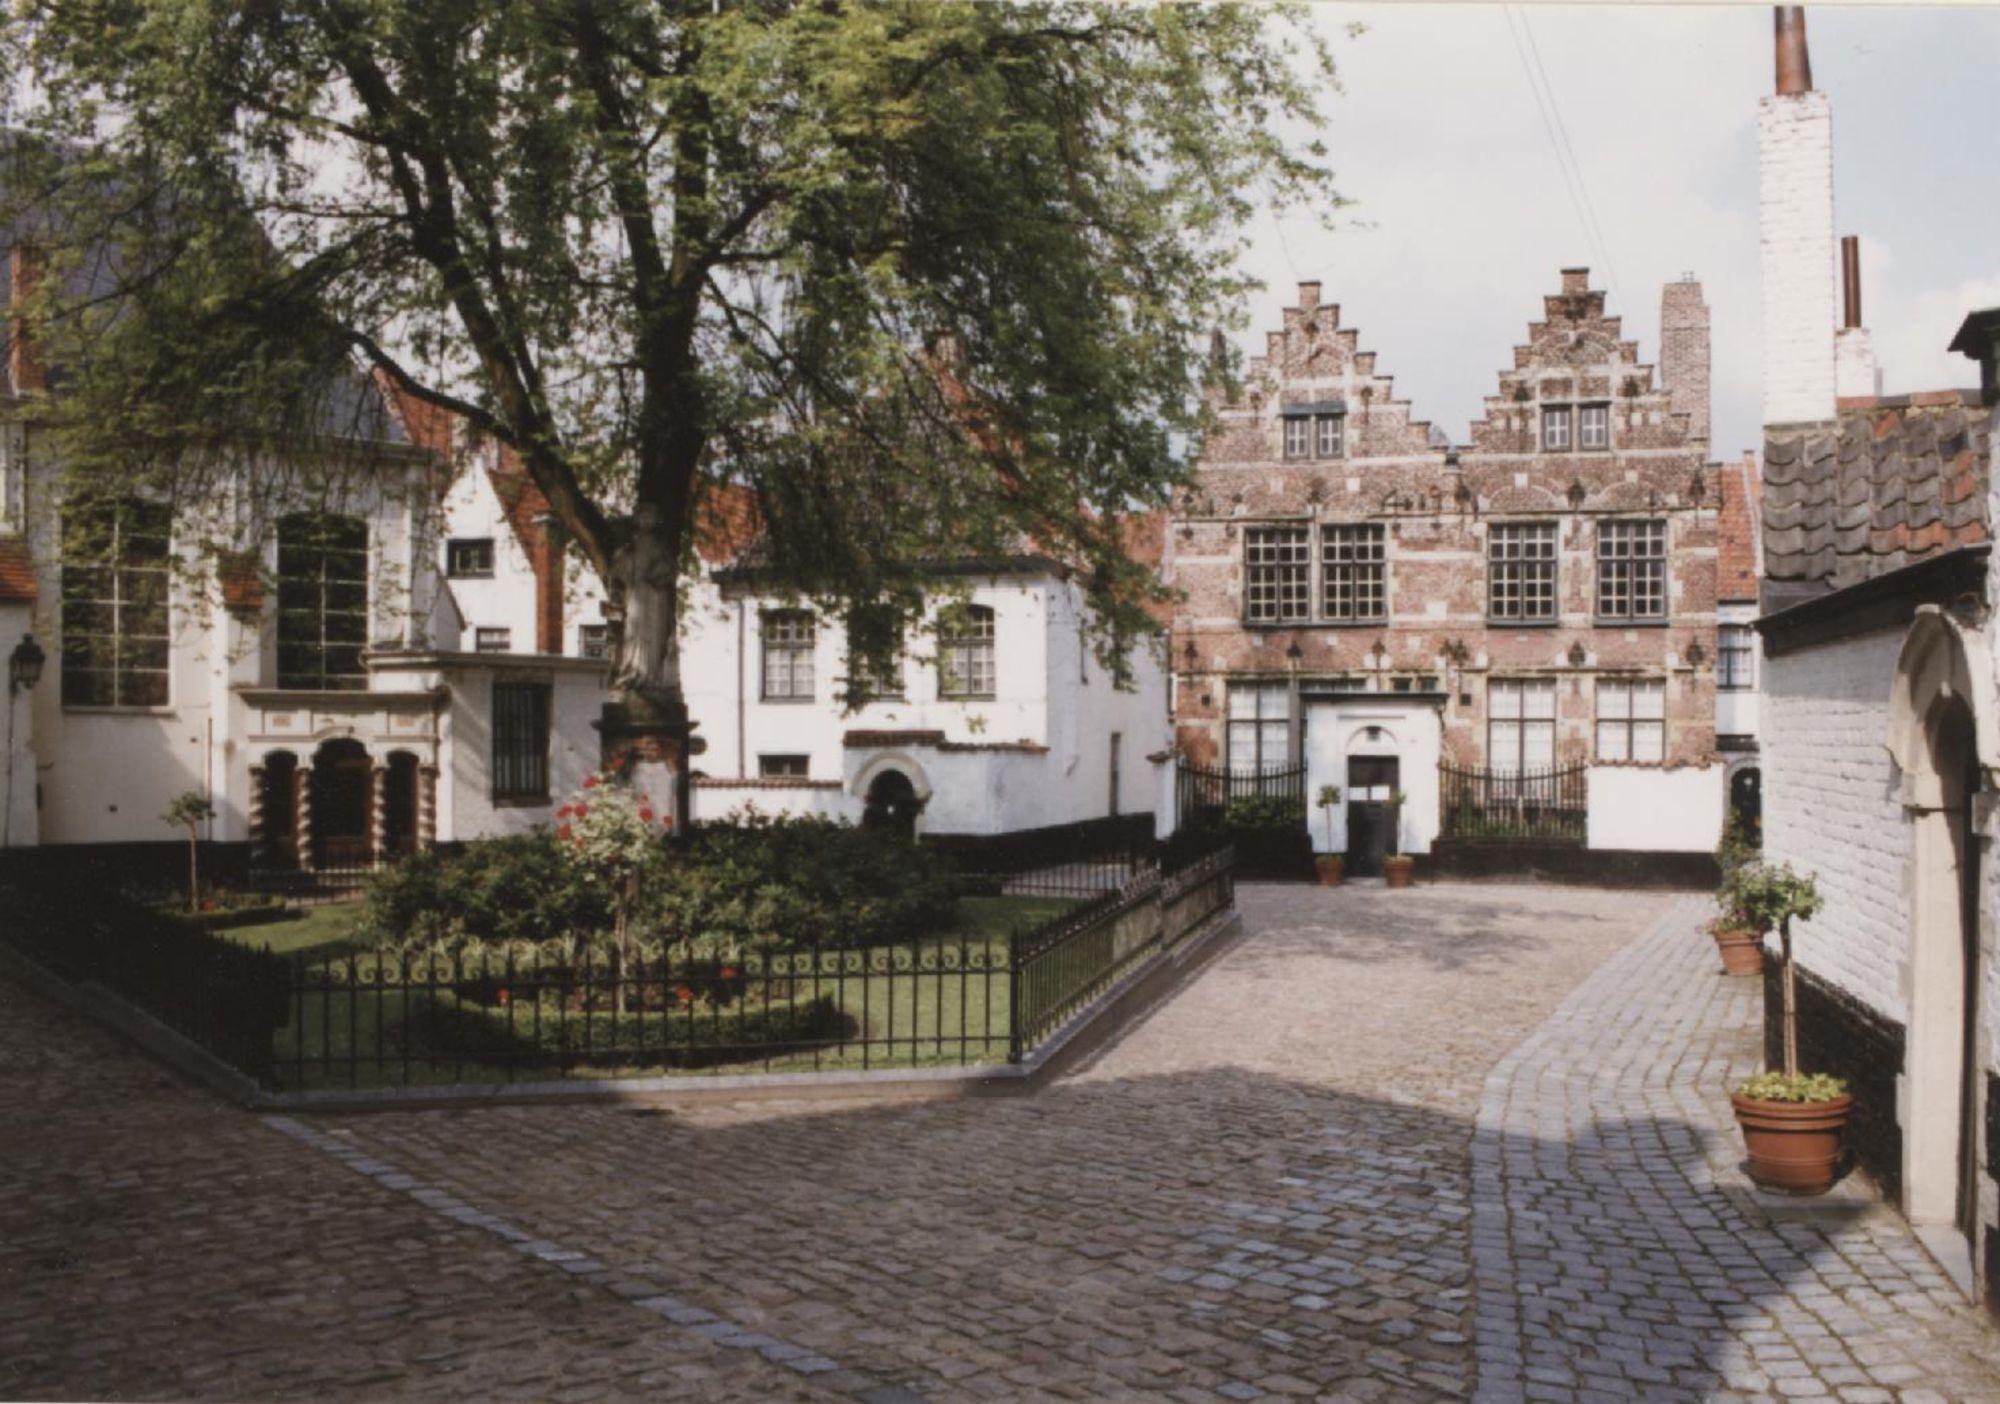 Joanna's plein